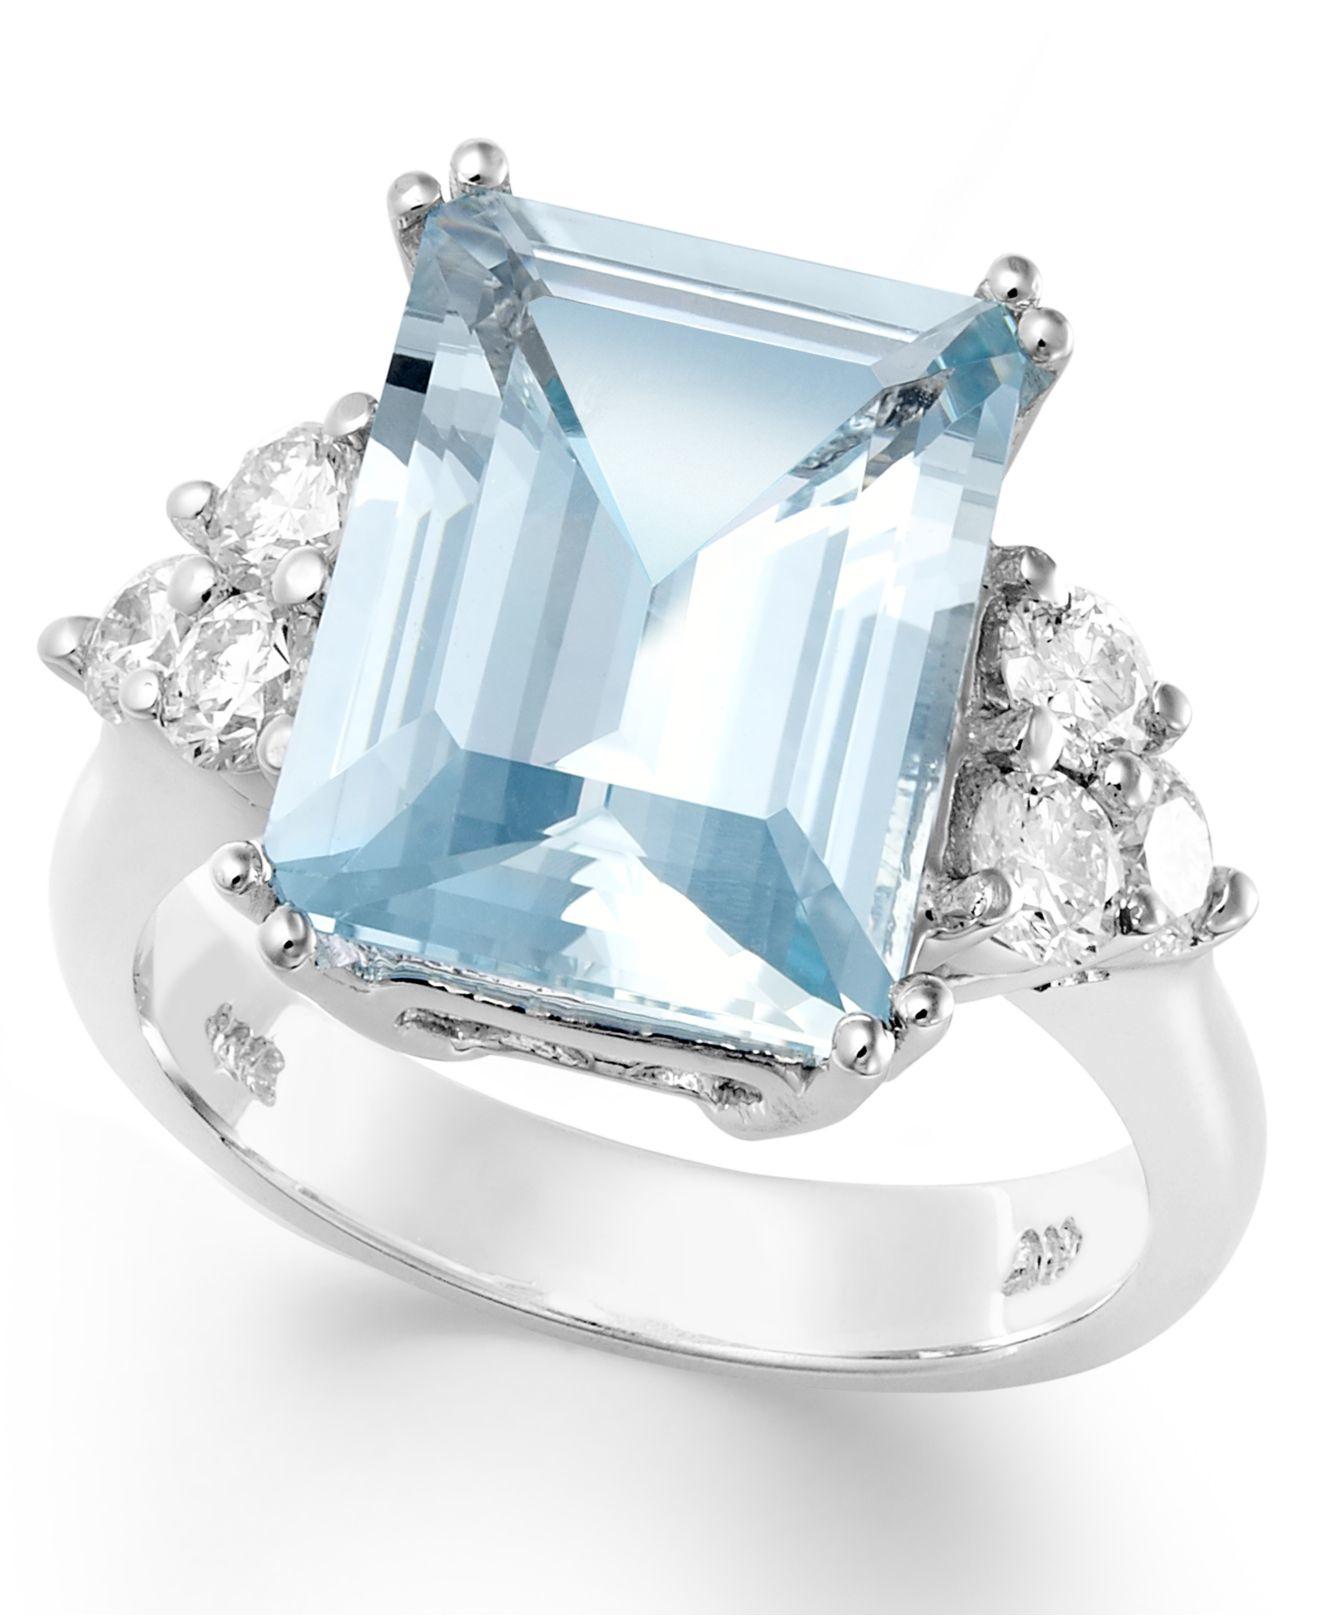 Macy's 14k White Gold Ring, Aquamarine (5-1/2 Ct. T